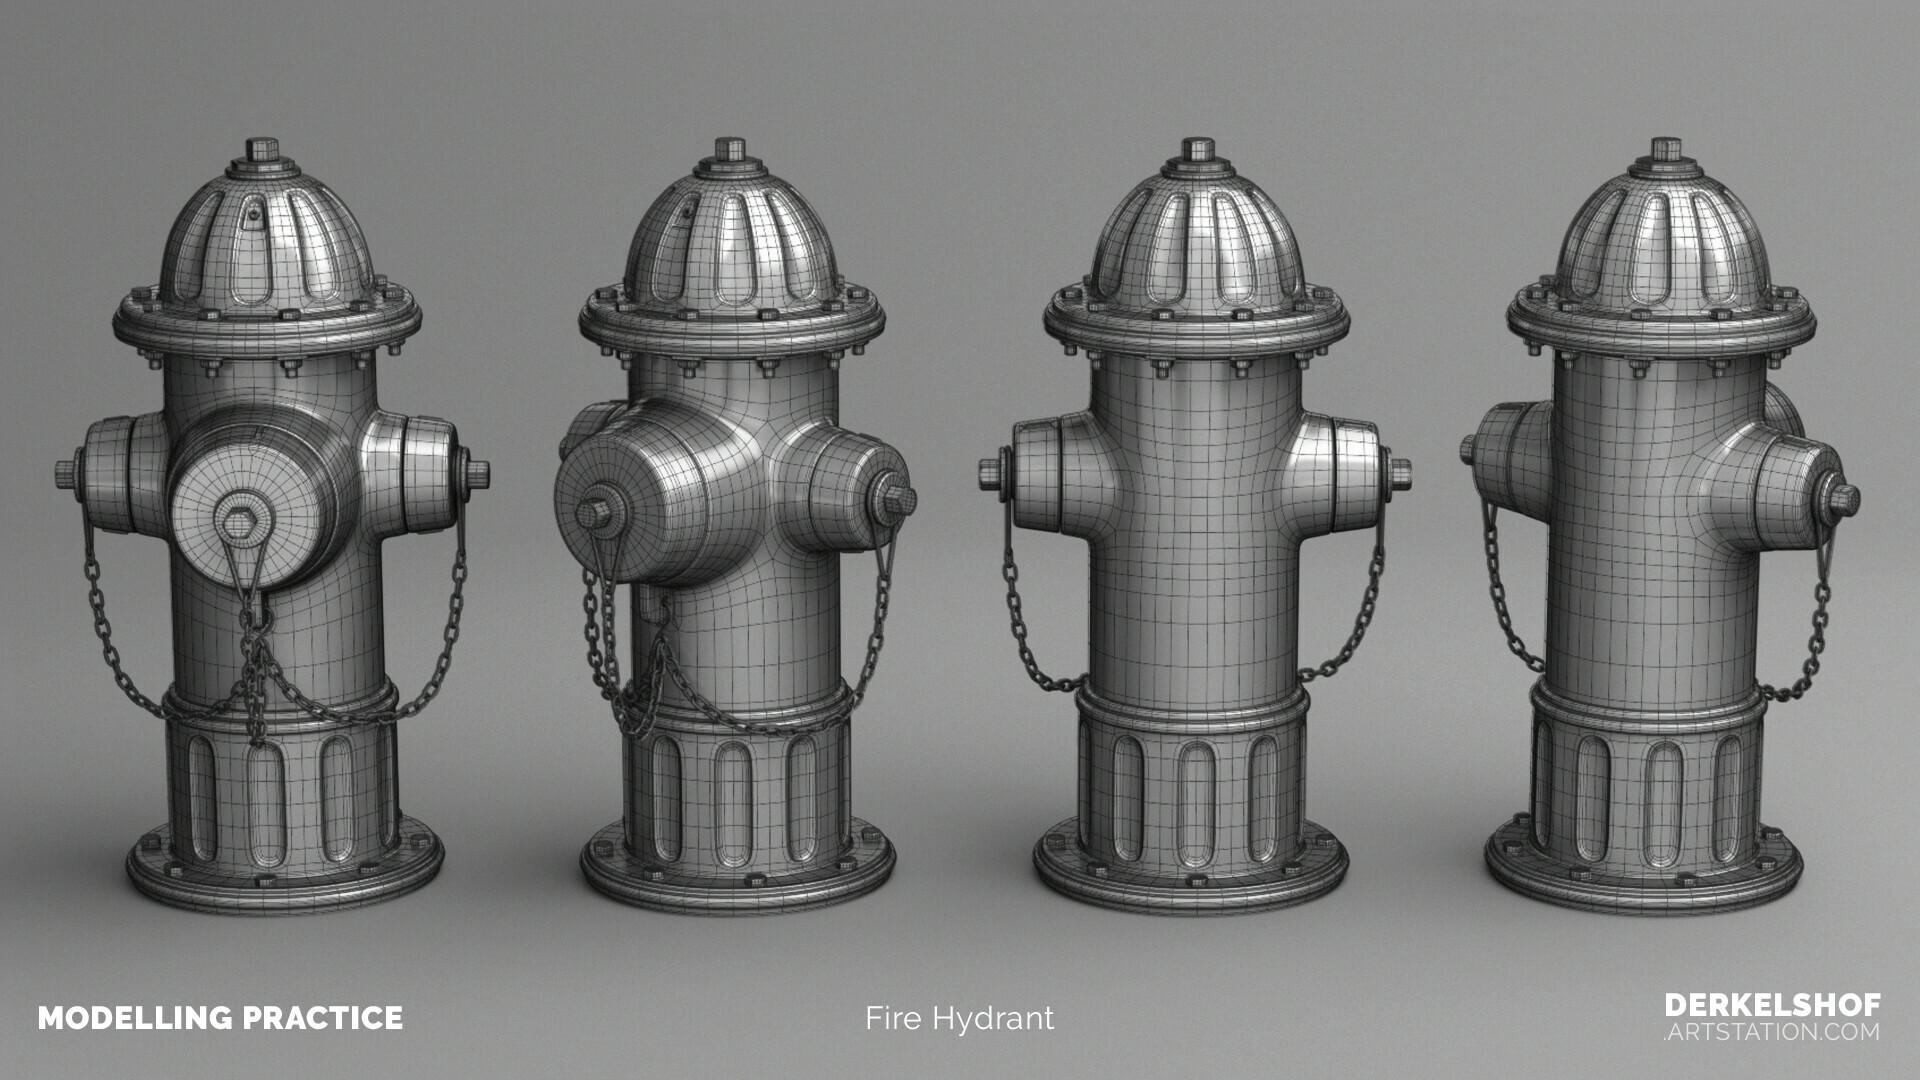 Derk elshof derk elshof fire hydrant 02